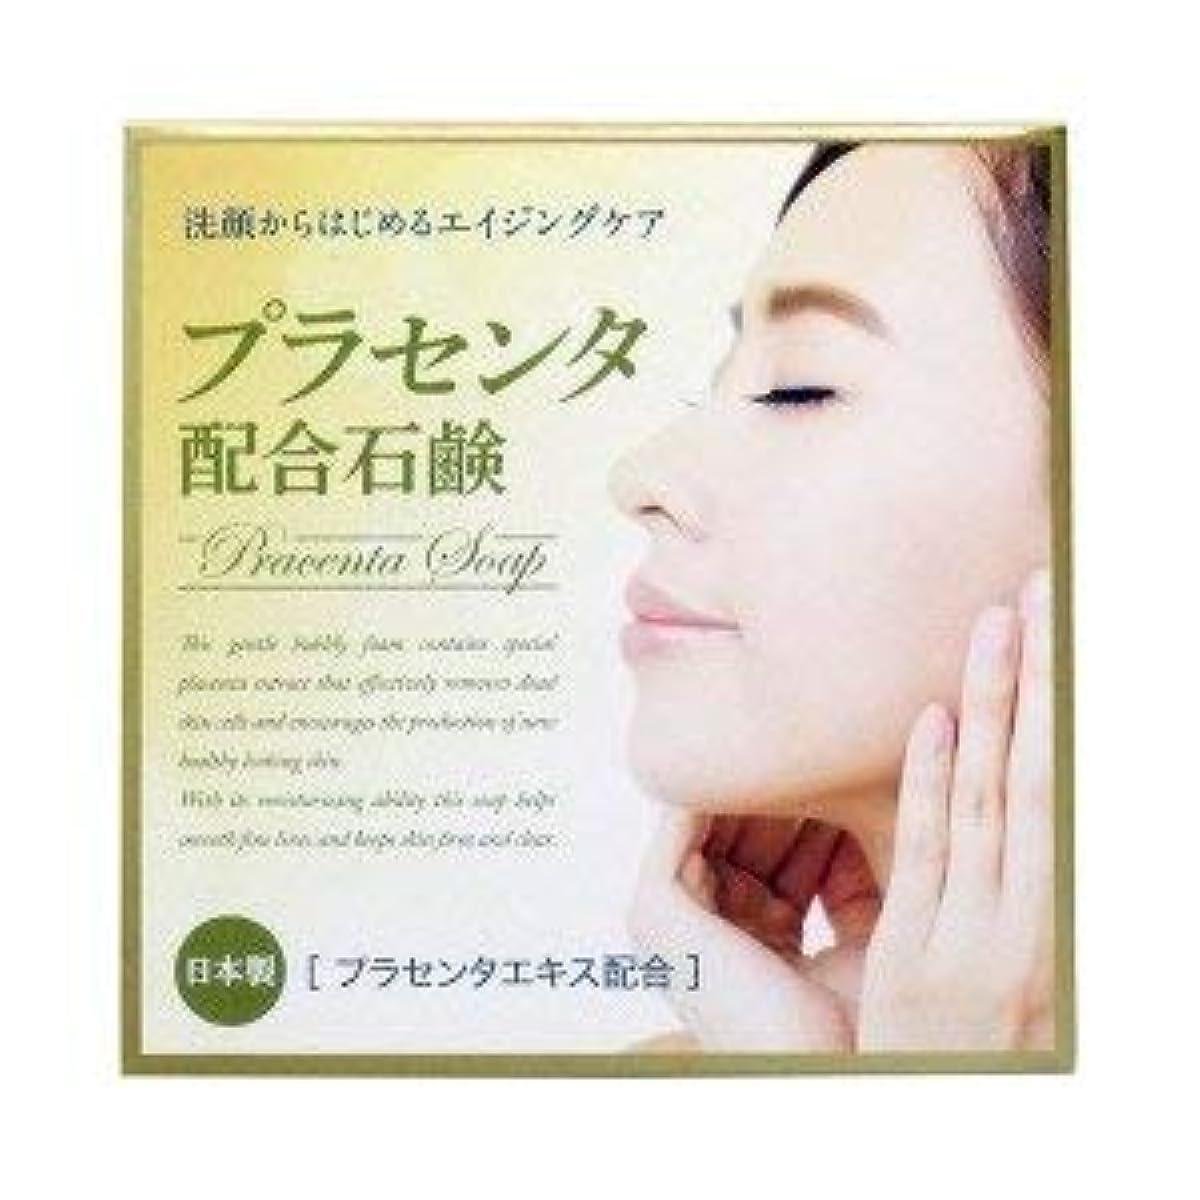 ブレイズ不振写真プラセンタ配合石鹸 80g×2 2個1セット プラセンタエキス保湿成分配合 日本製